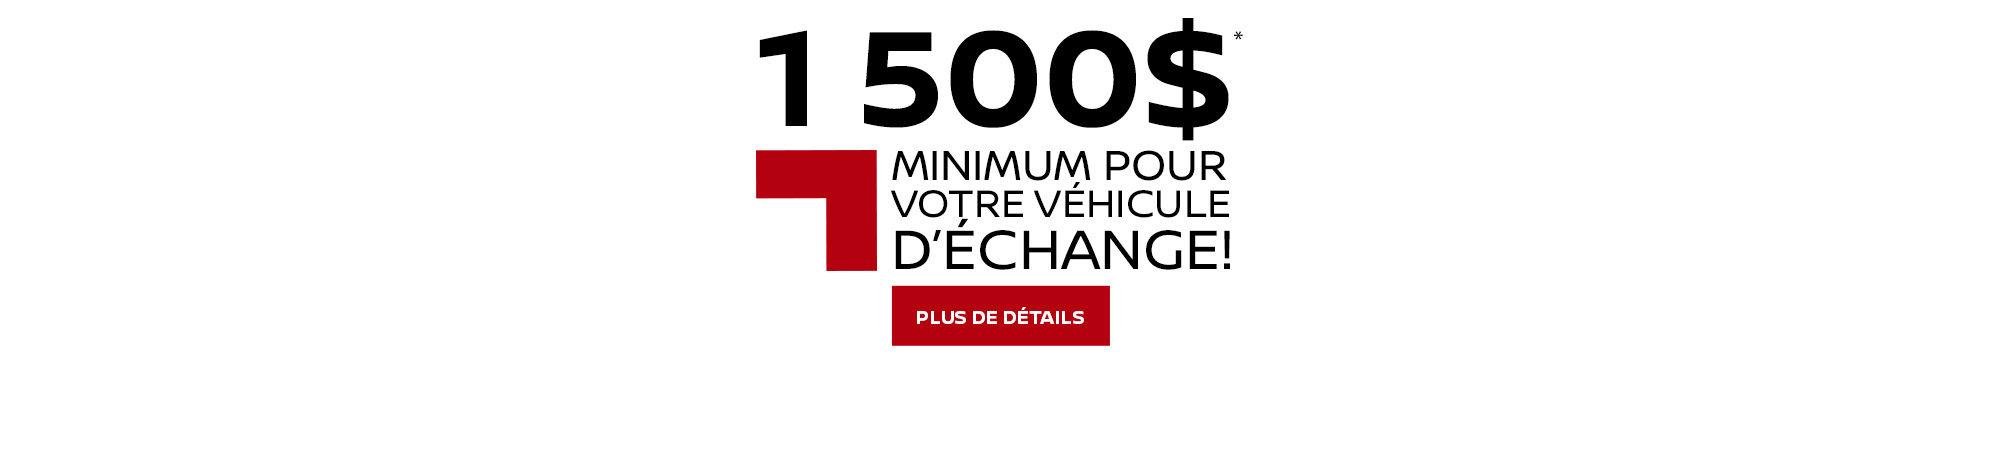 1 500$ pour votre véhicule d'échange!